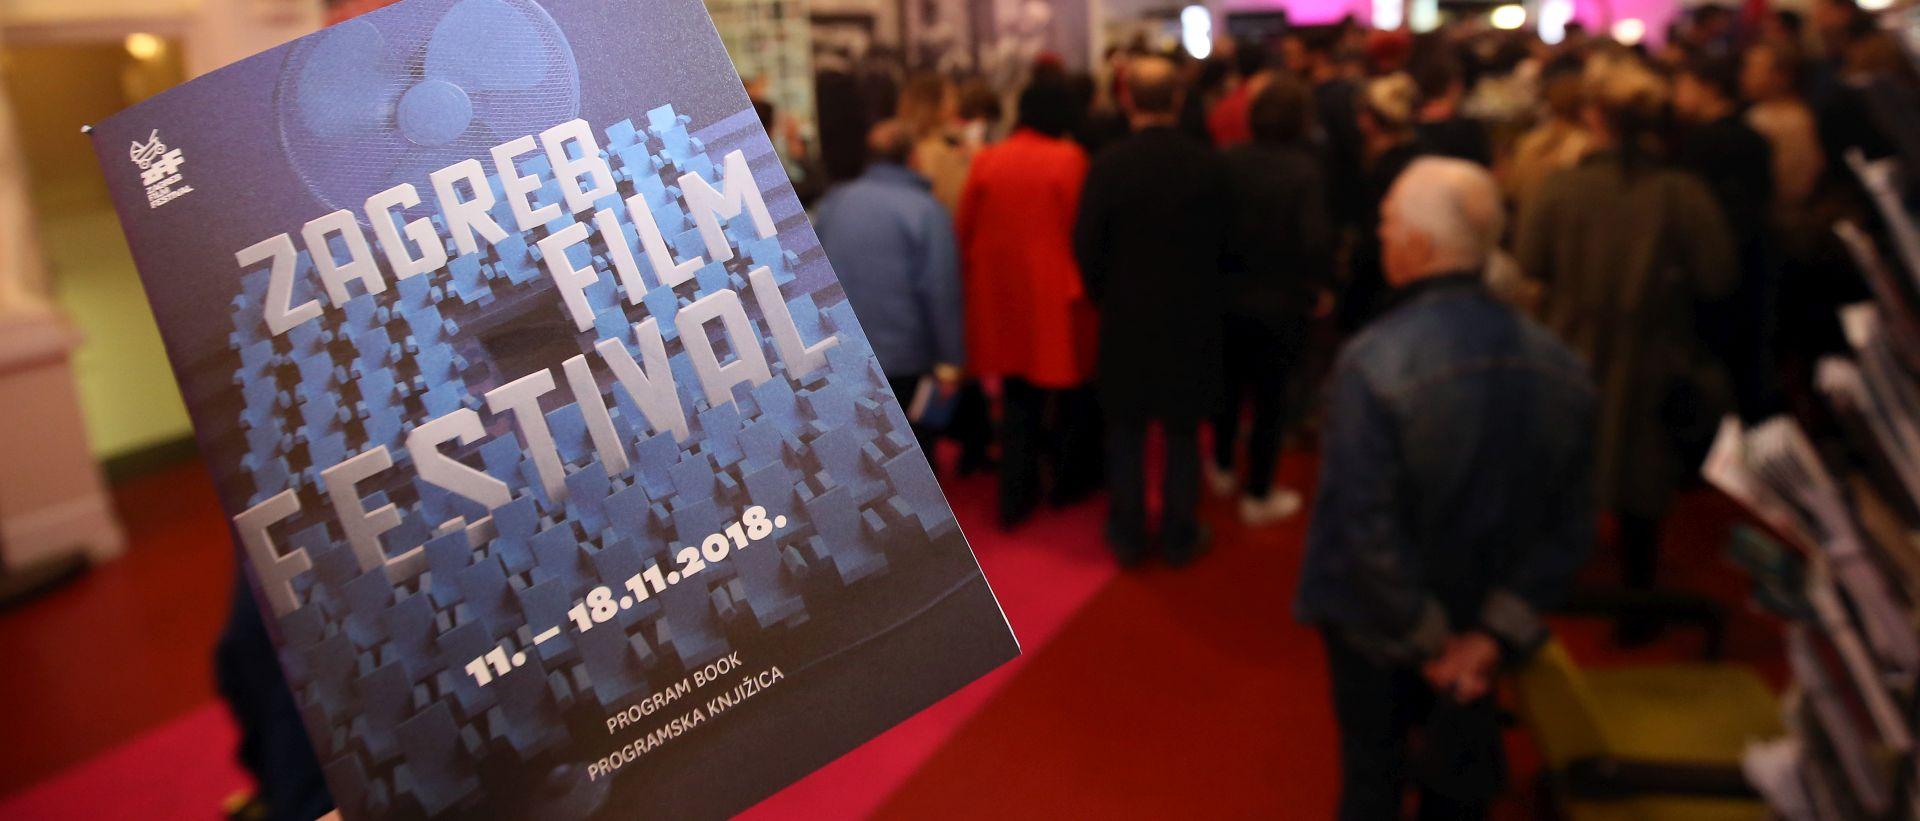 ZFF Nakon dodjele nagrade projekcije i u nedjelju